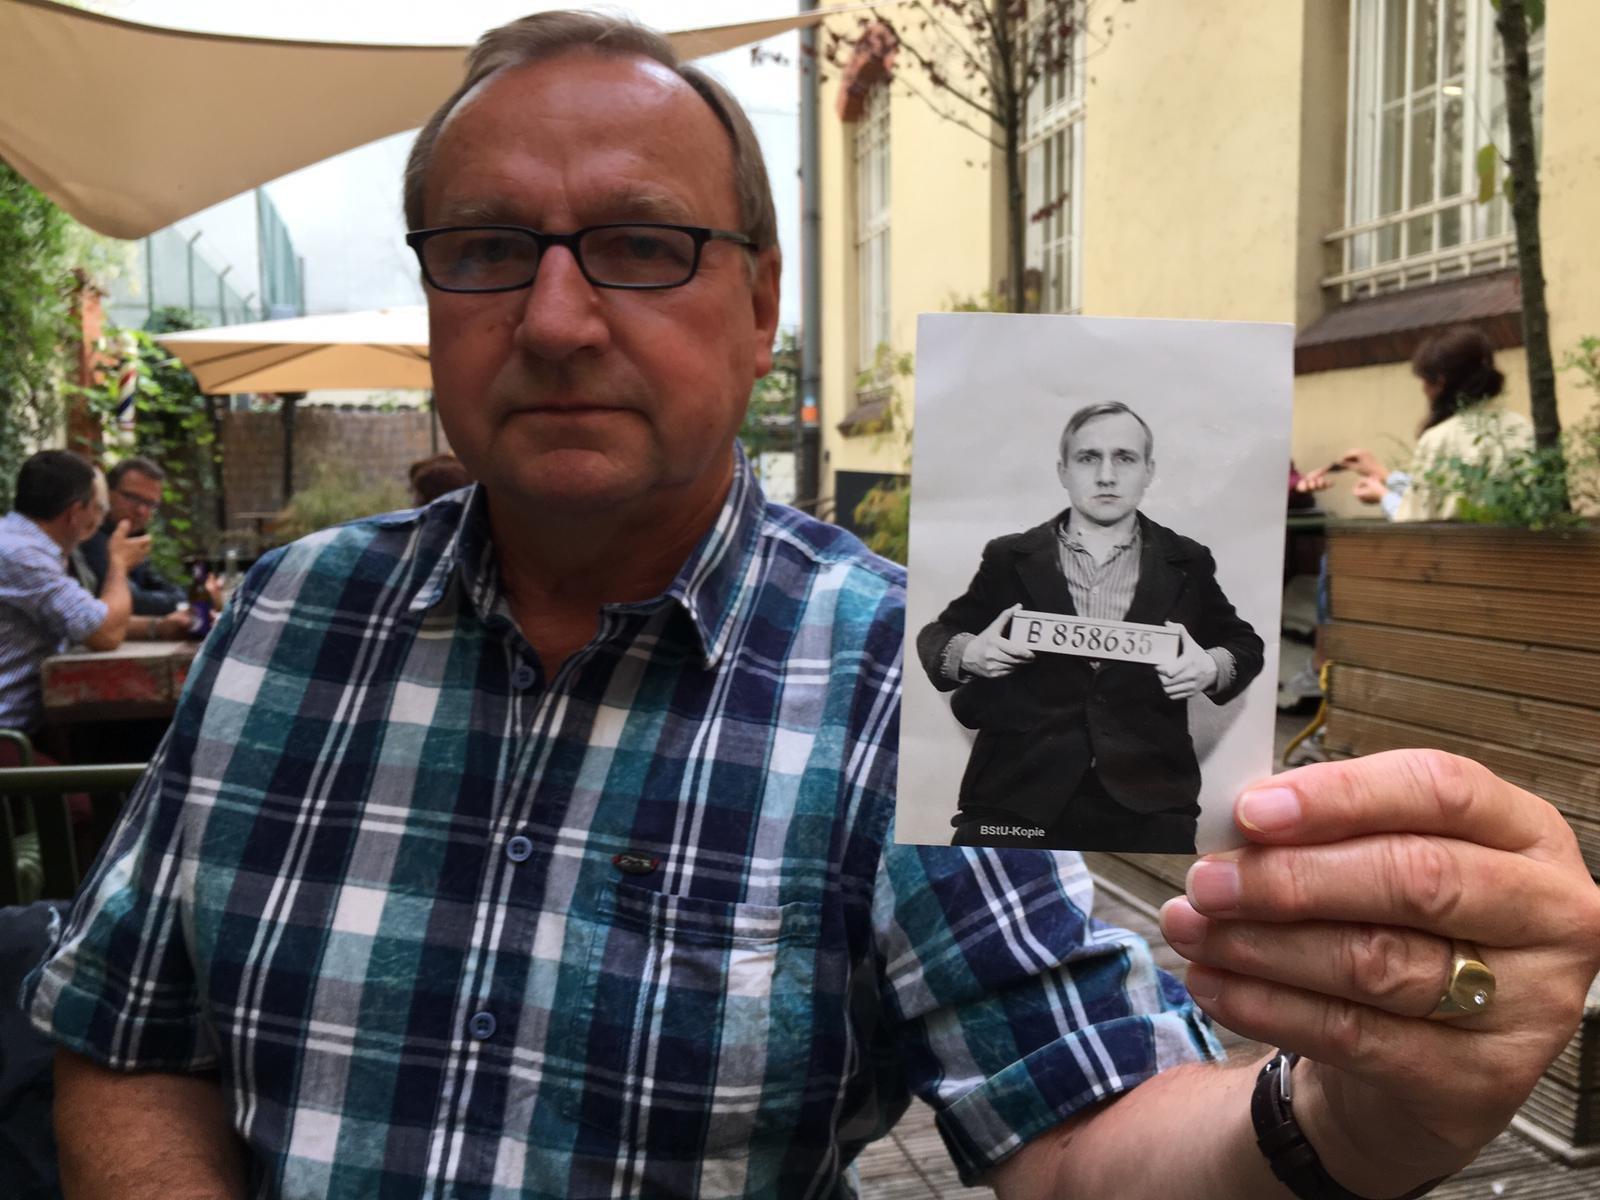 Peter Bieber schrieb ein Buch über seine Flucht aus der DDR